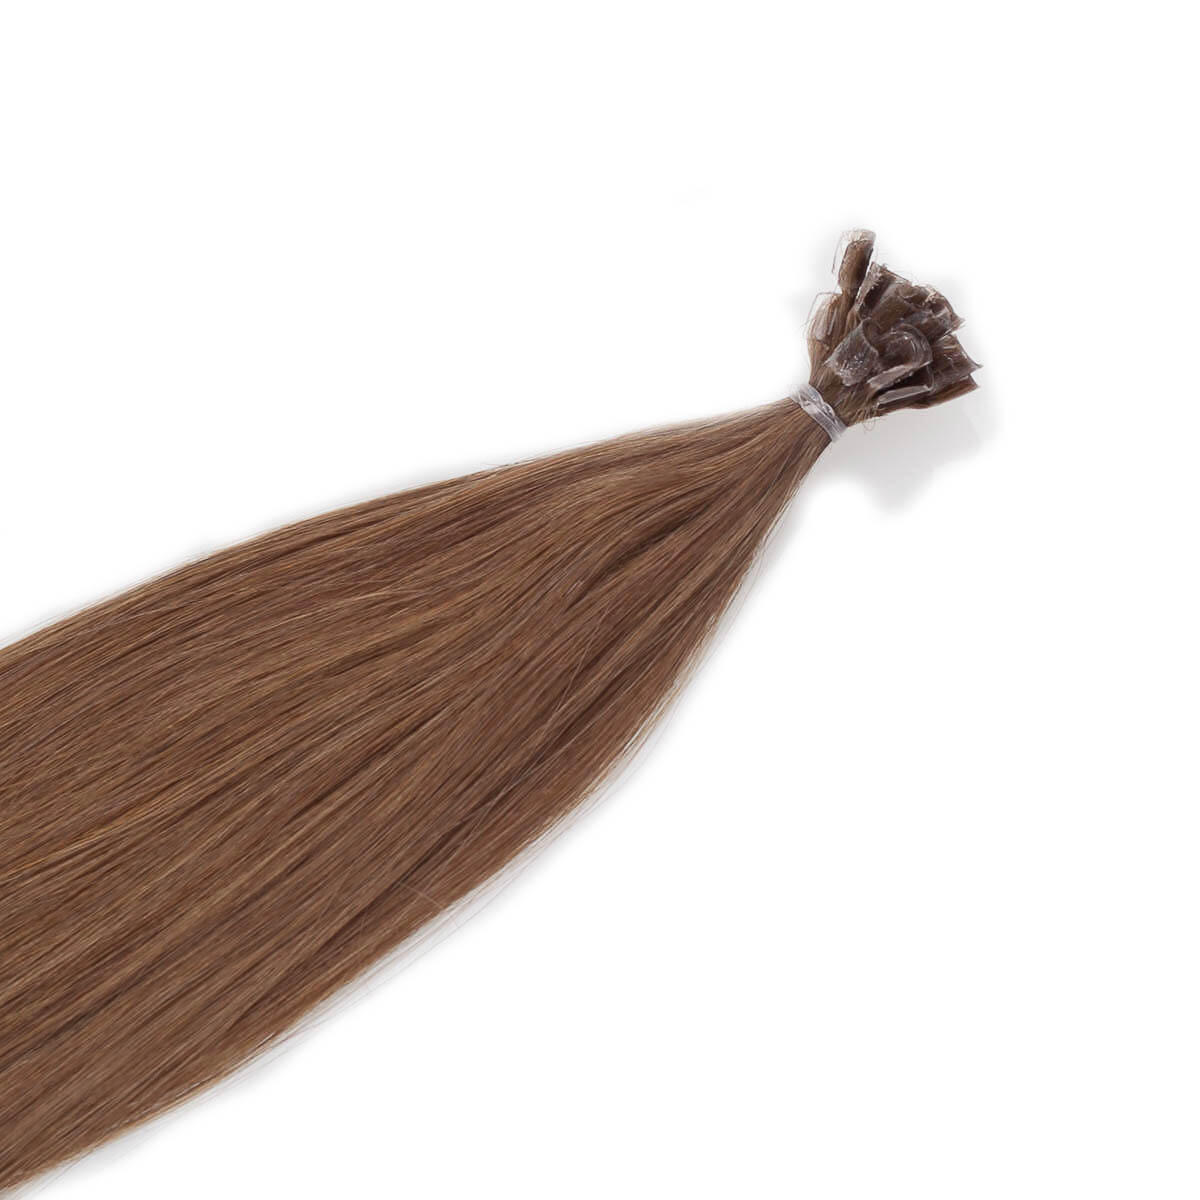 Bondings Premium Glatt 5.1 Medium Ash Brown 60 cm